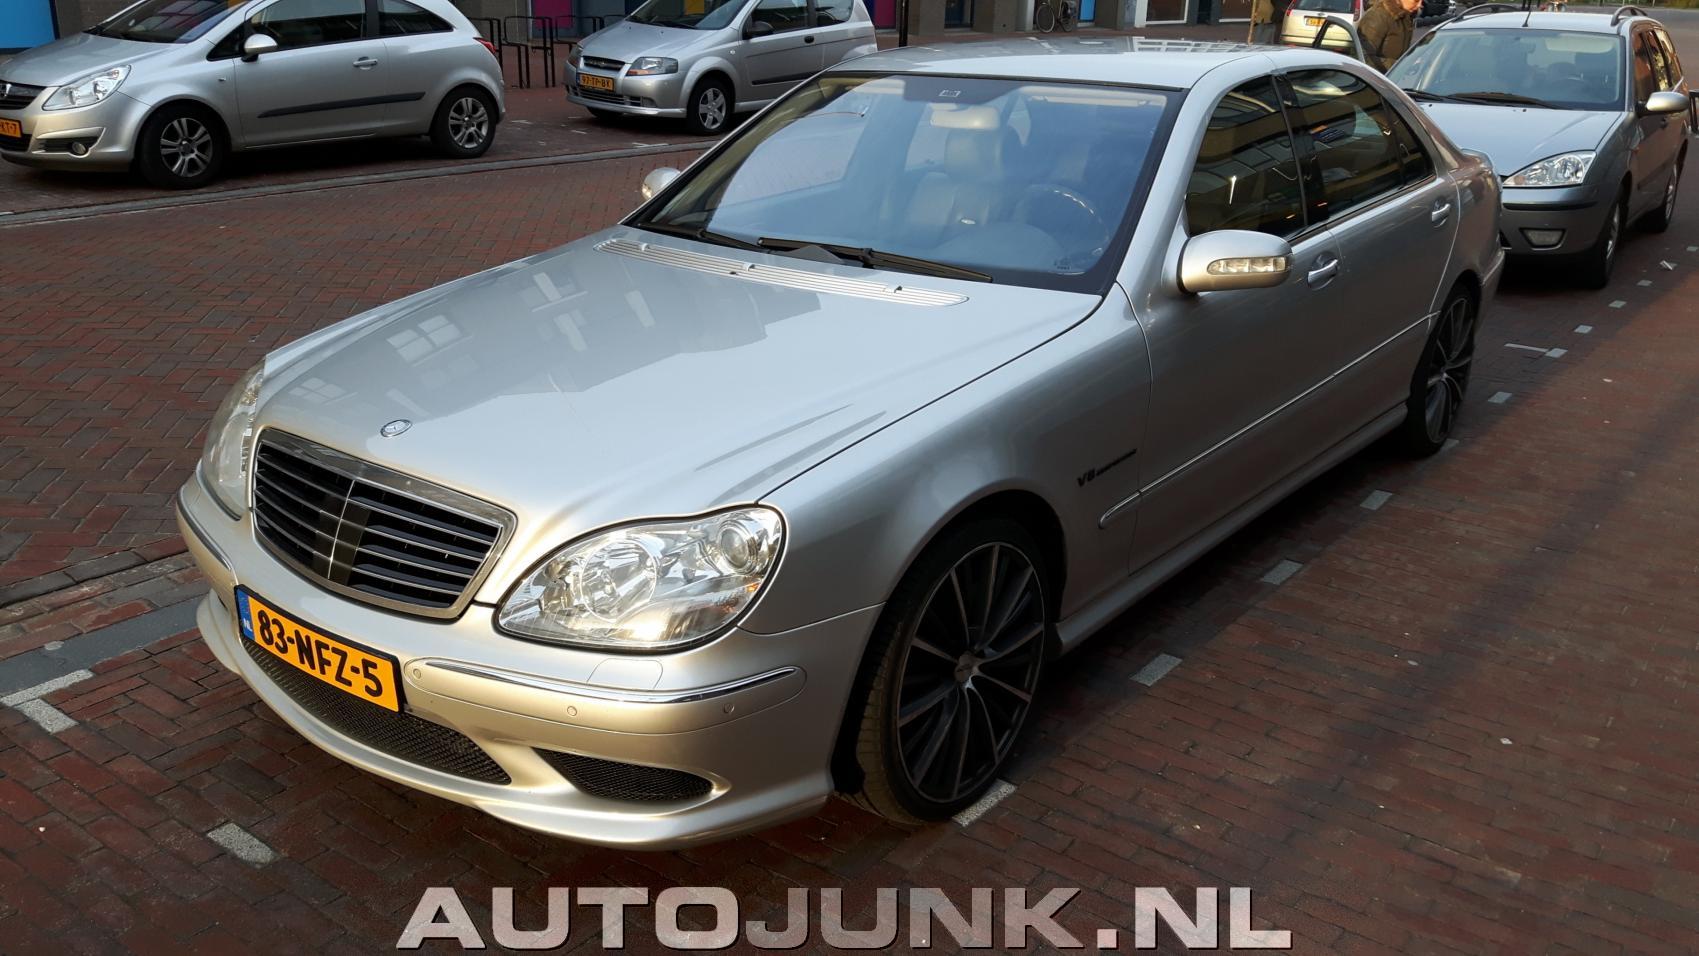 Mercedes benz s55 amg w220 kompressor foto 39 s for Mercedes benz s55